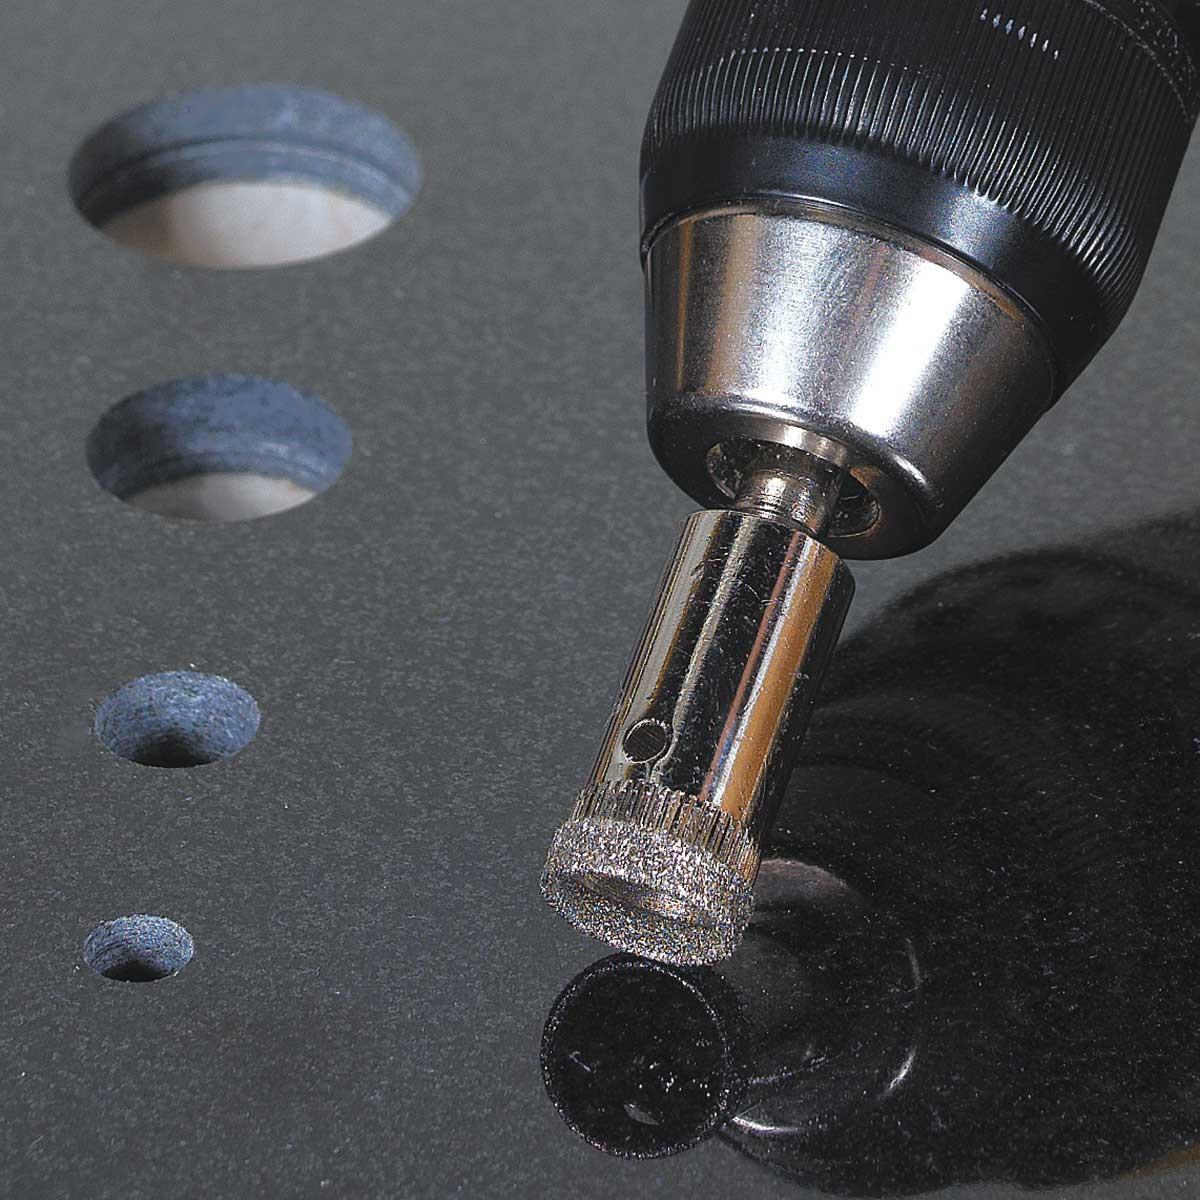 Wet Diamond Drill Bit Cuts Tile